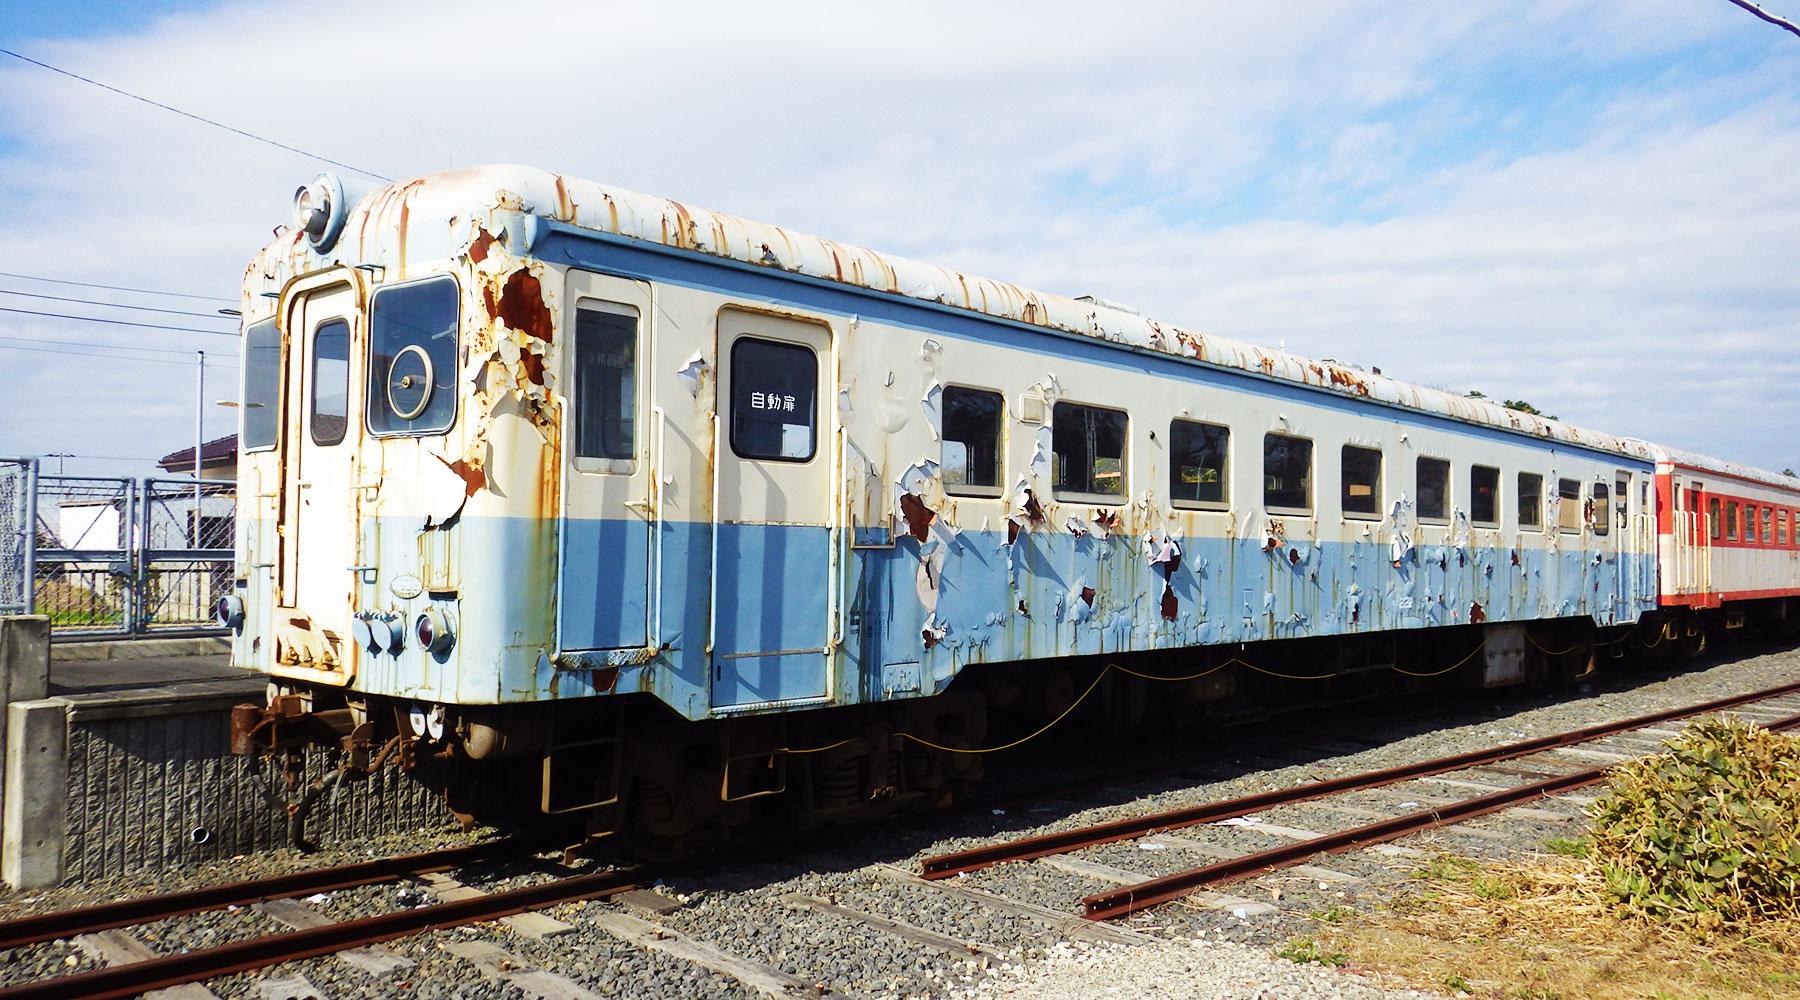 阿字ヶ浦駅に展示されている車輌